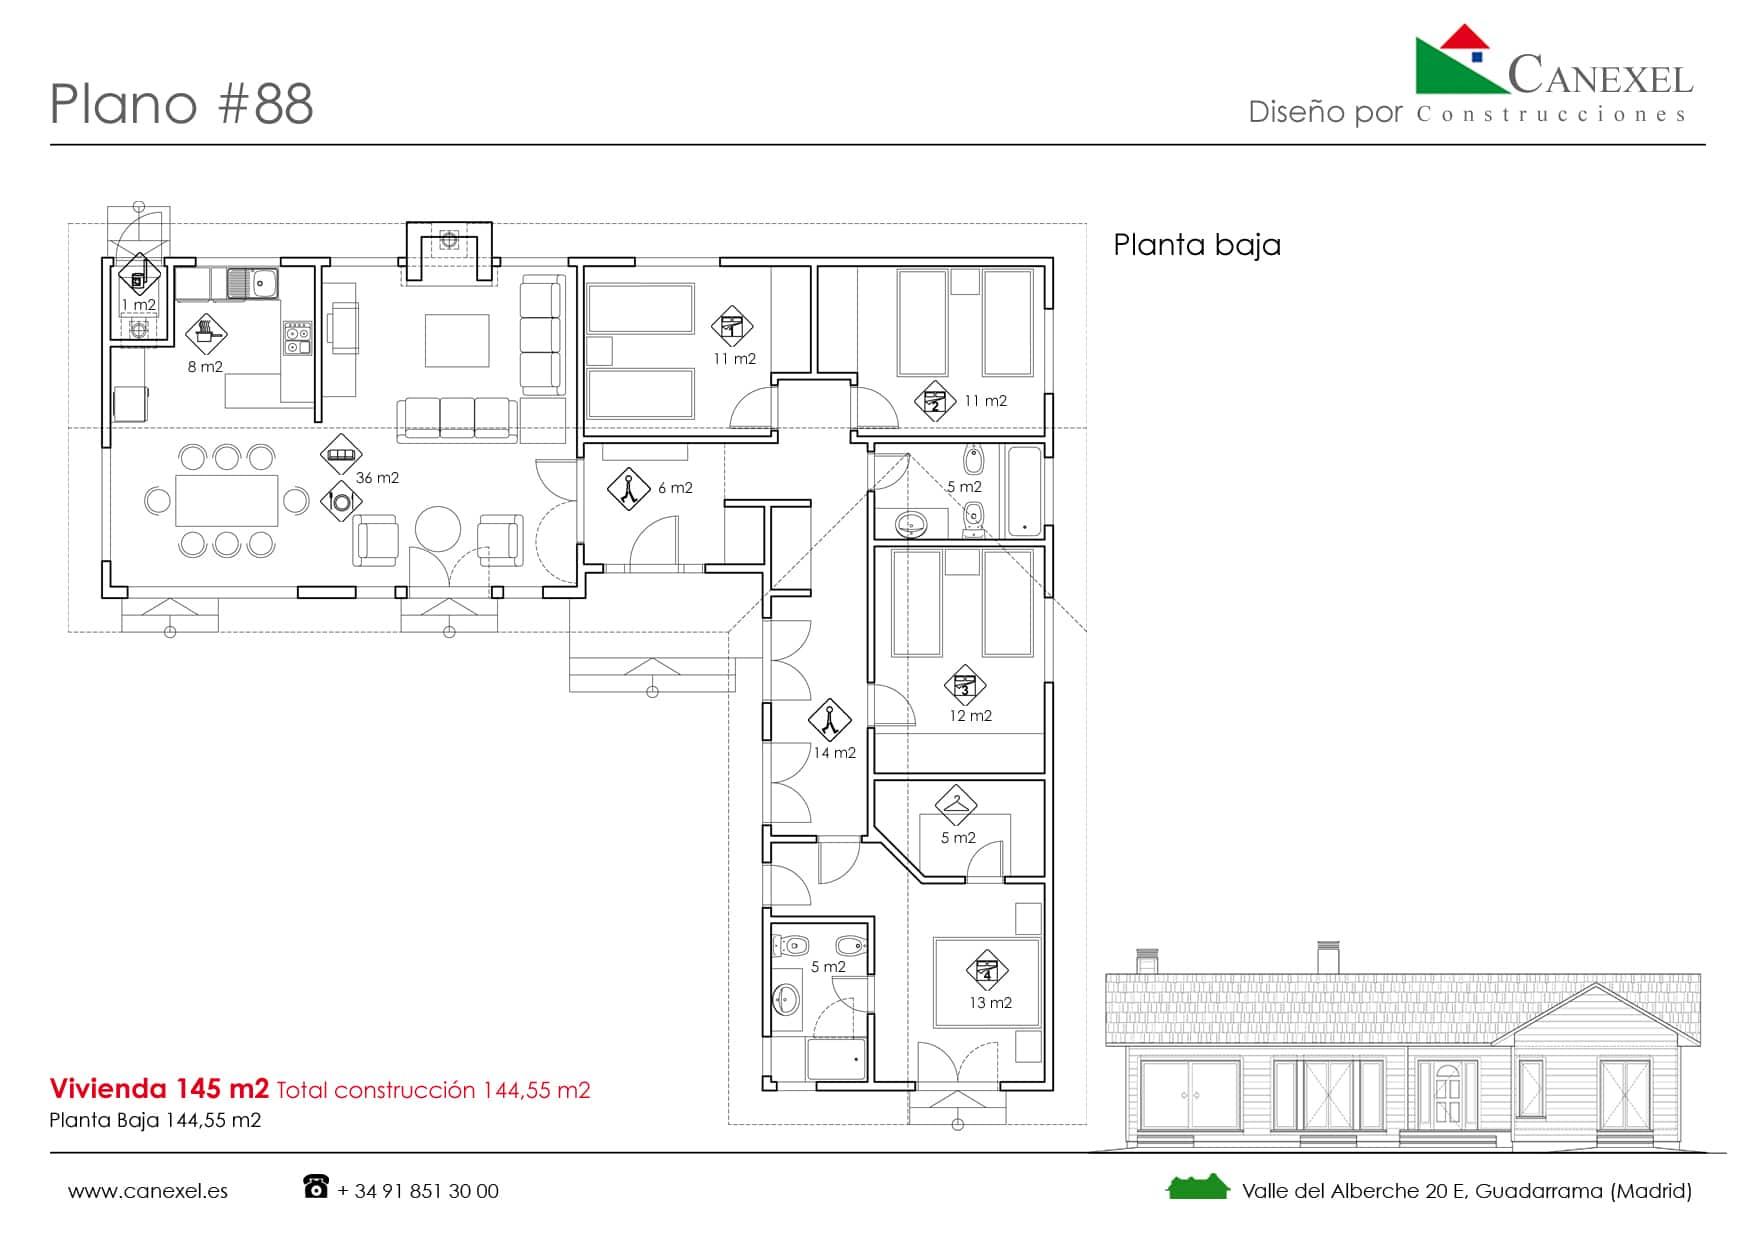 Planos de casas de una planta canexel for Diseno casa planta baja